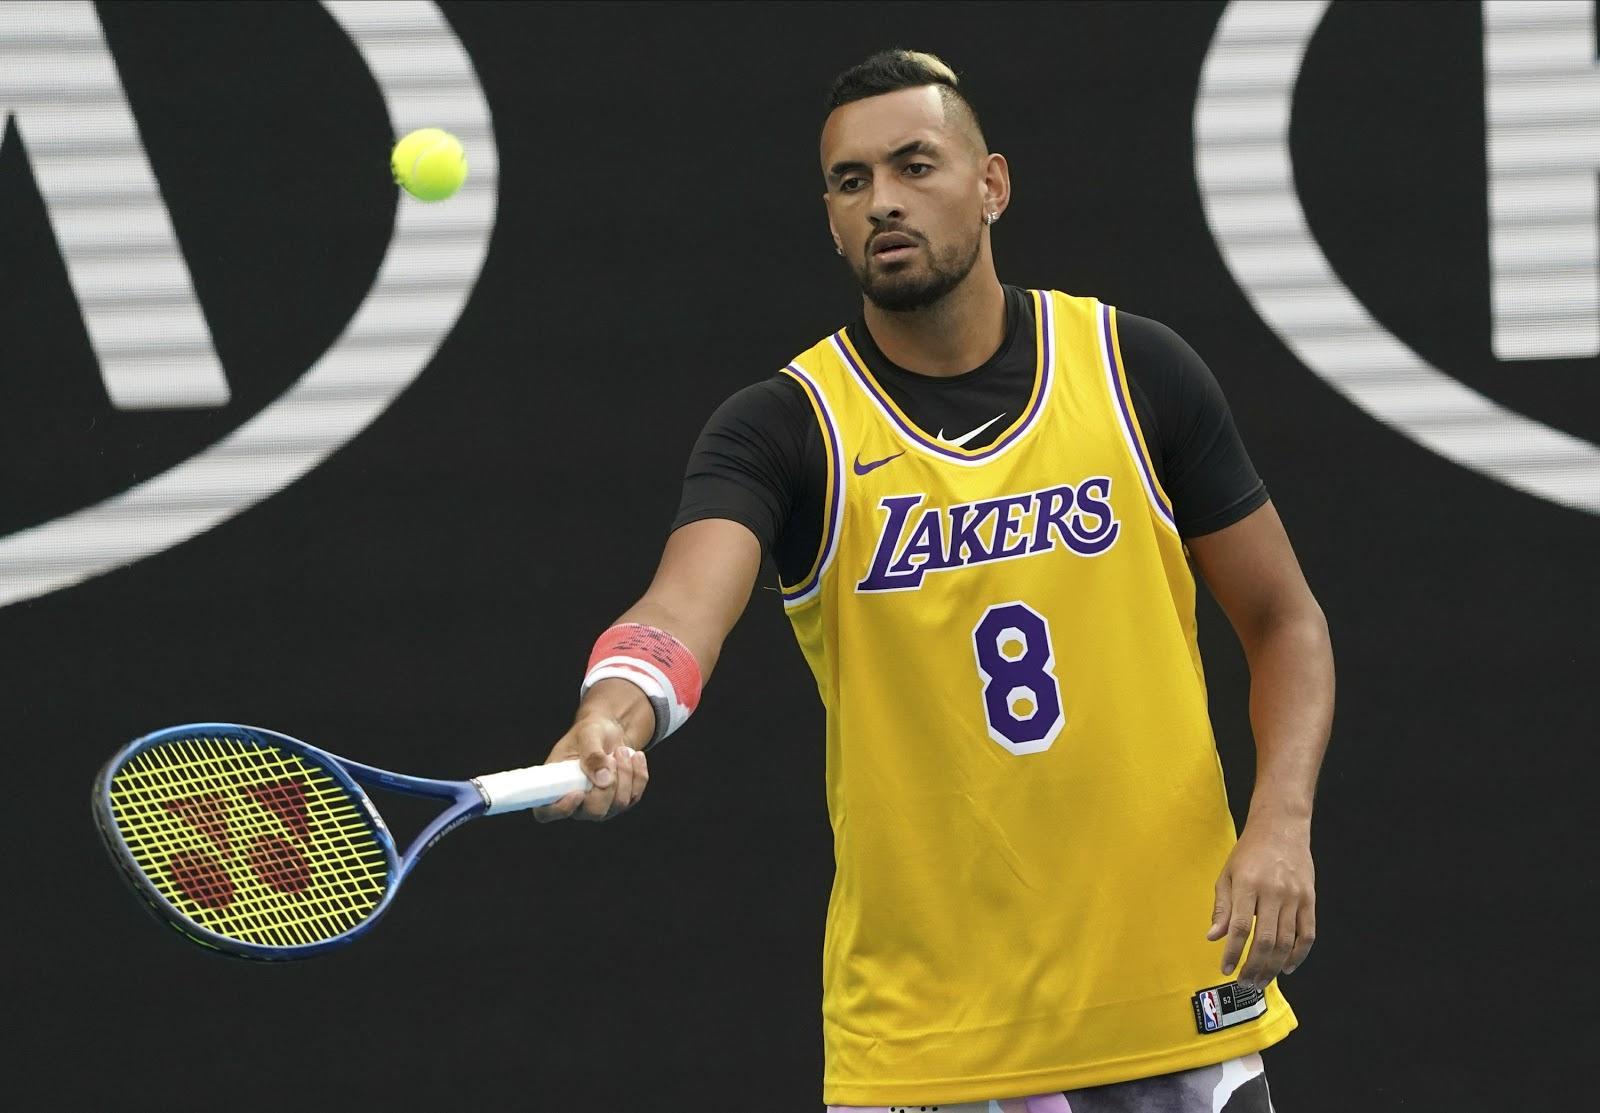 Tay vợt Nick Krygios mặc áo thi đấu của Kobe Bryant tại Australia Open 2020